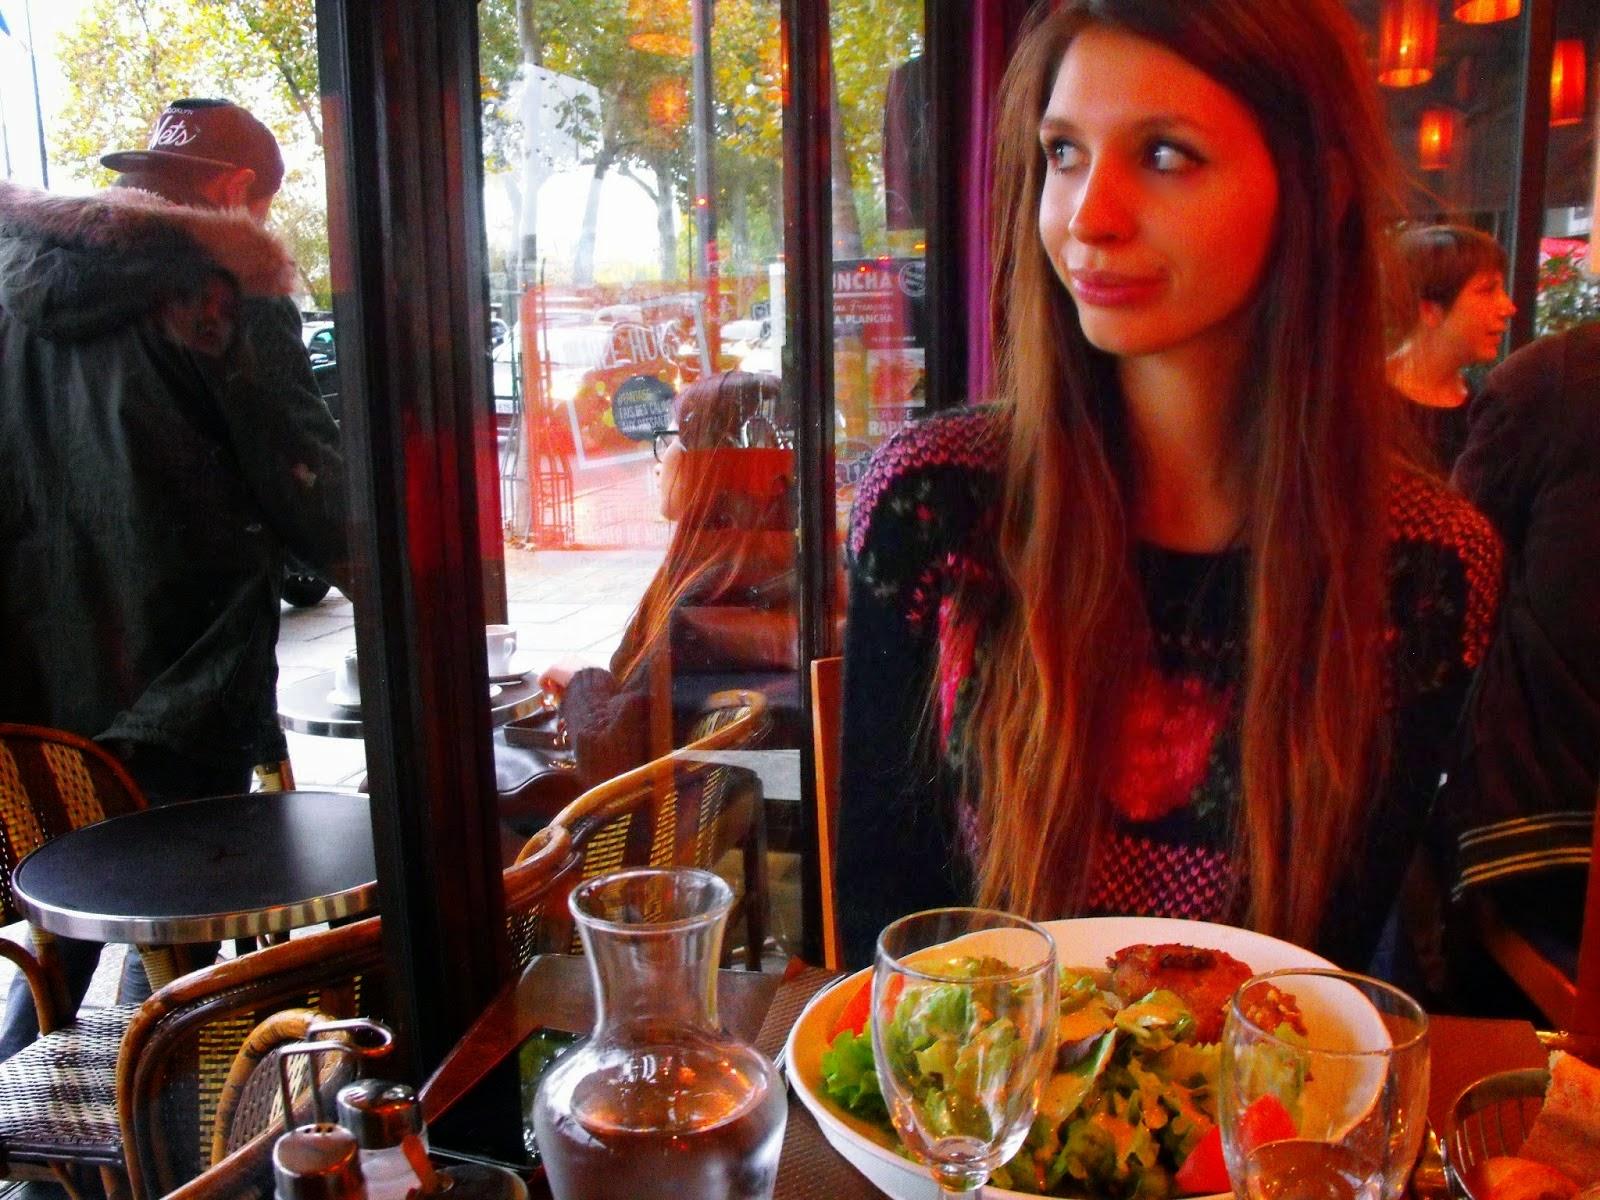 http://teczawsloiku.blogspot.com/2014/11/paryz-moj-sodki-czyli-o-francuskim_26.html